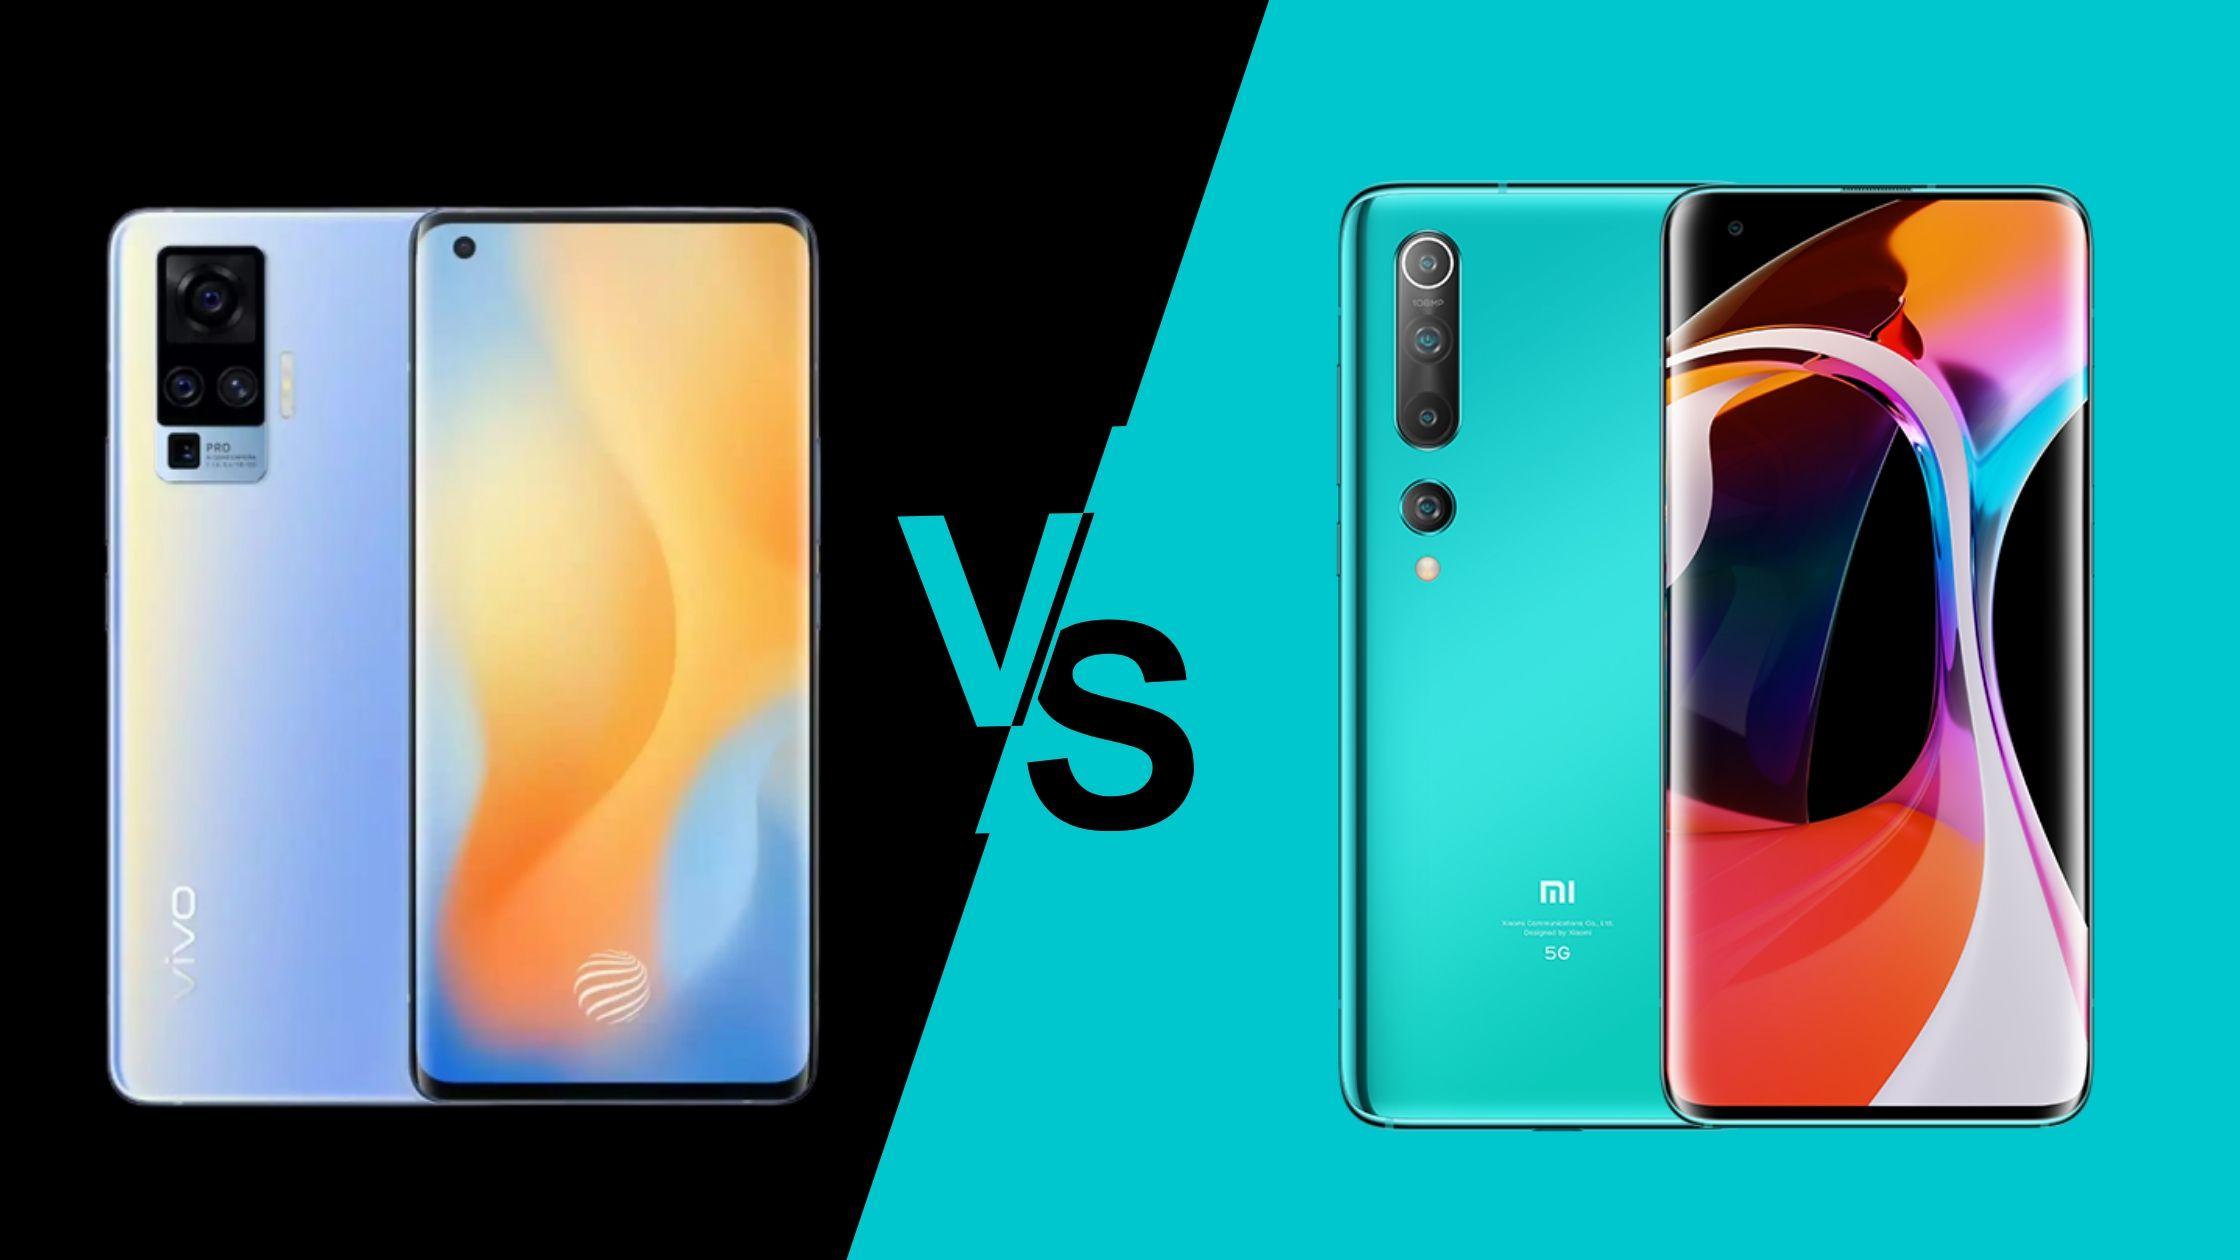 Vivo X50 Pro vs Mi 10